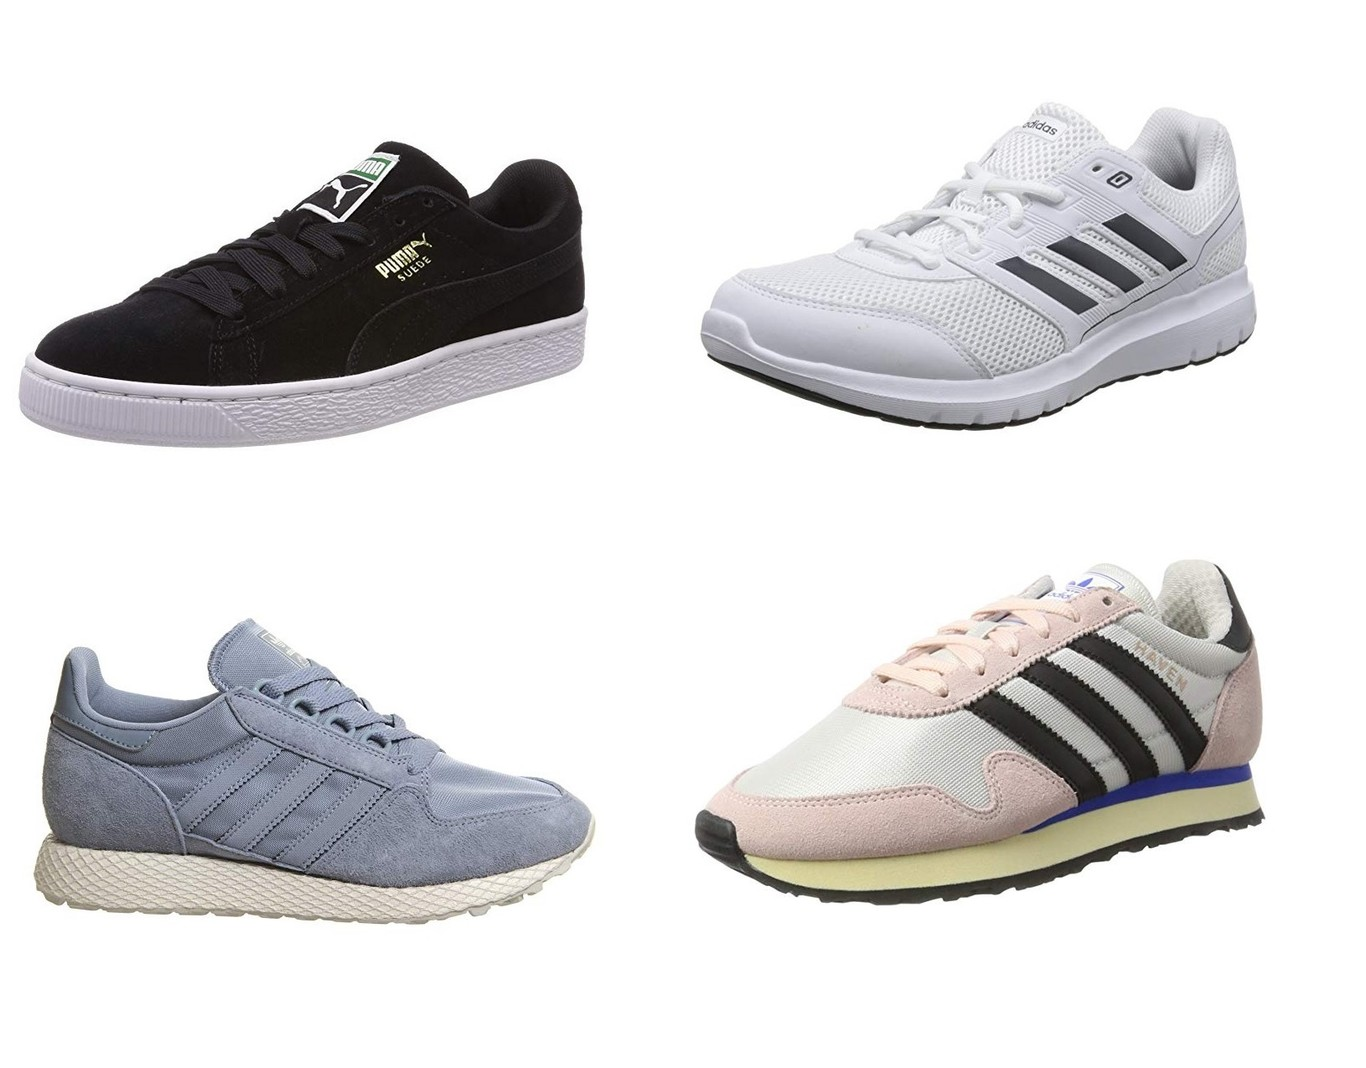 3431678a6 Chollos en zapatillas Adidas y Puma con tallas sueltas desde 22 euros en  Amazon